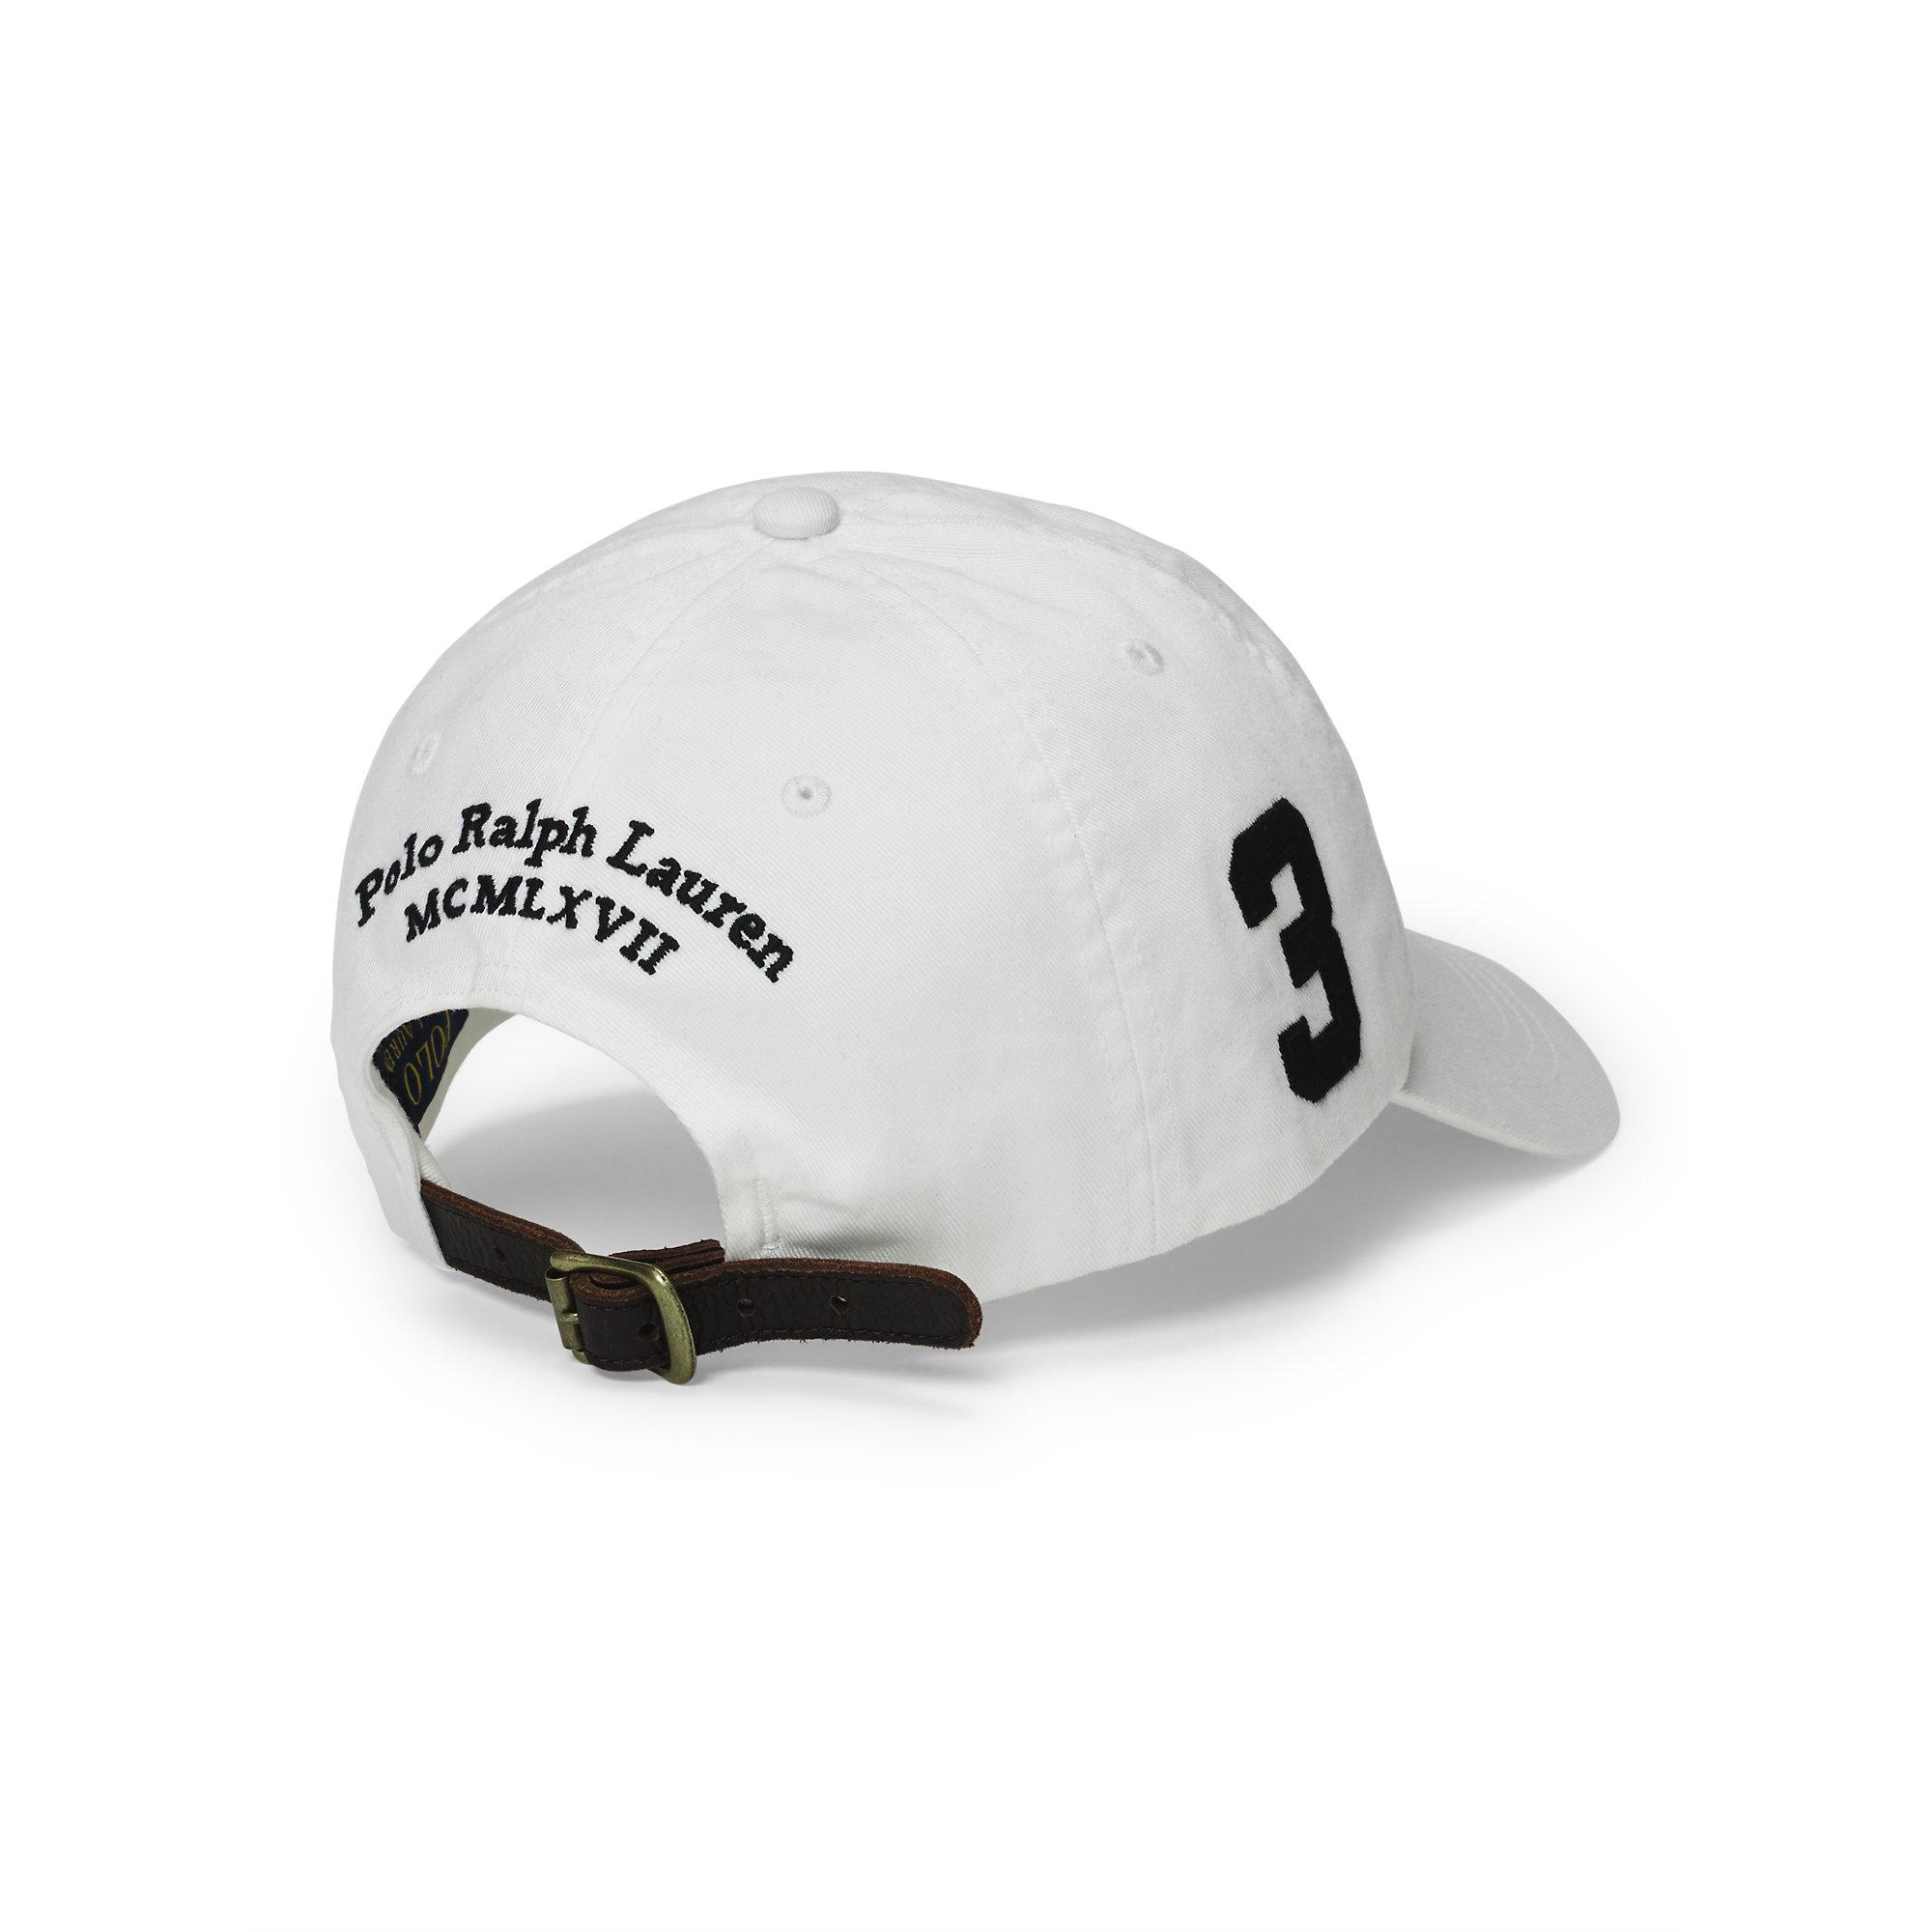 995795f5e Polo Ralph Lauren Chino Baseball Cap in White for Men - Lyst